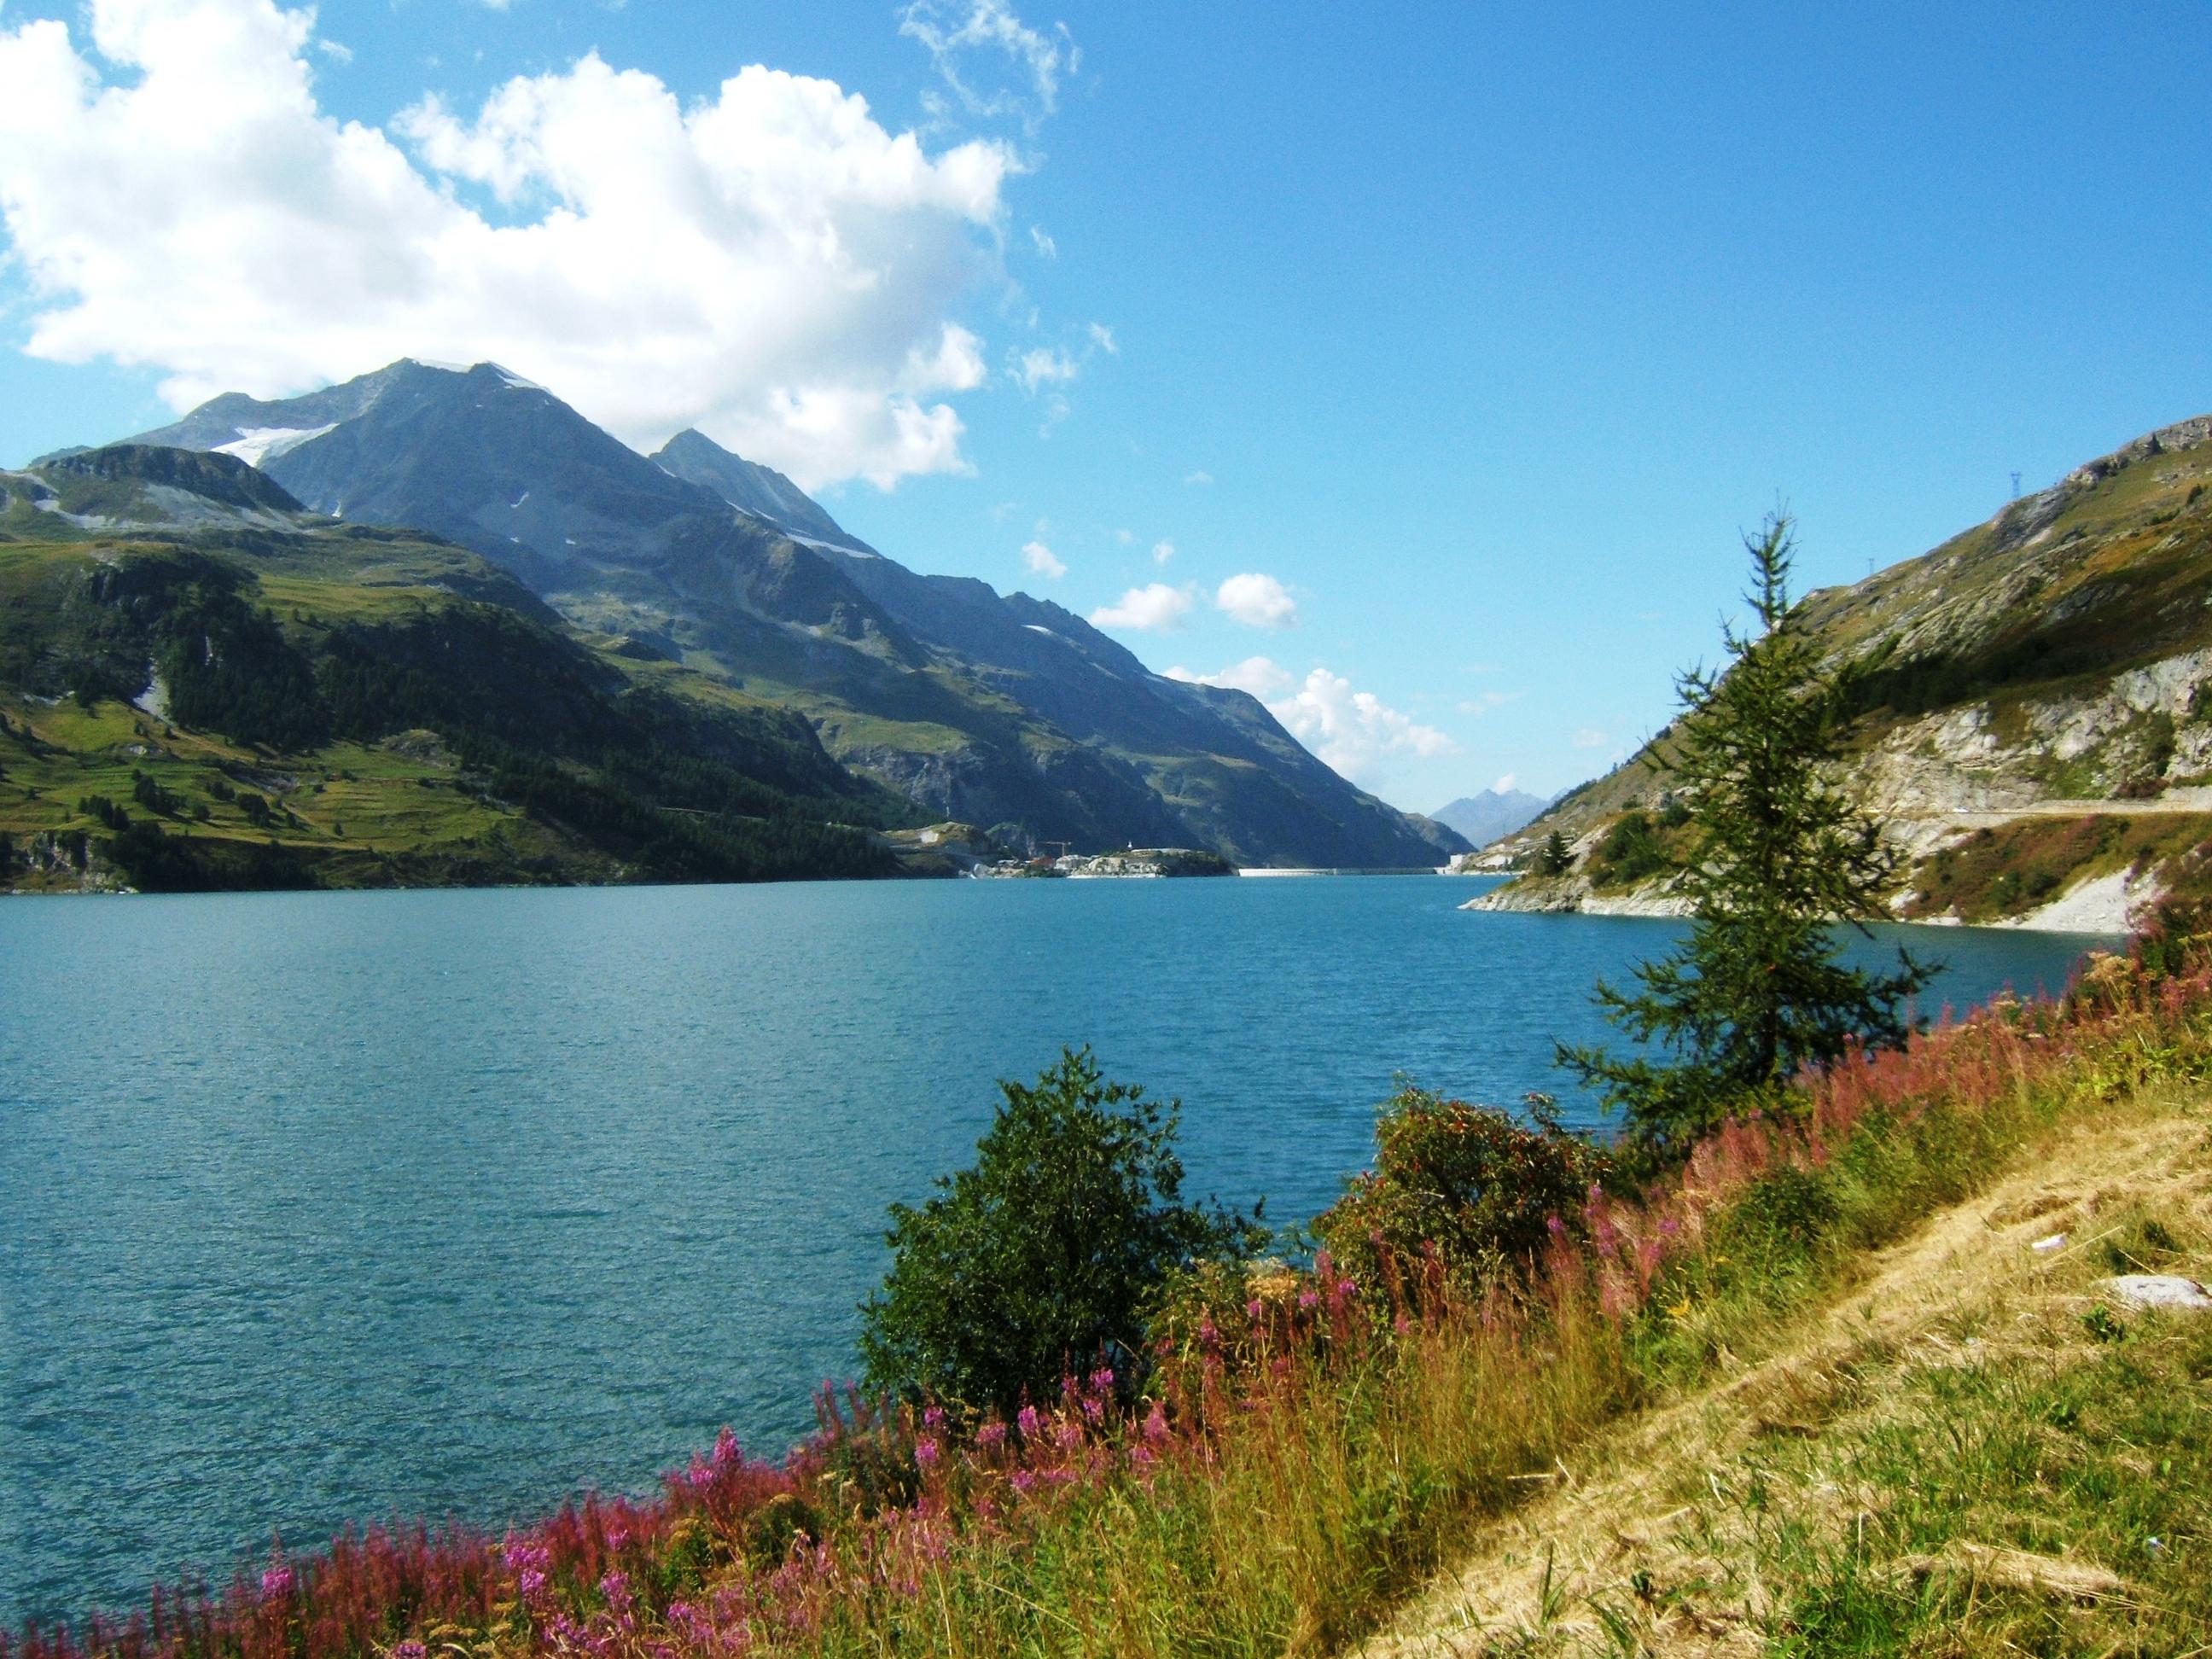 Lac_du_Chevril_Tignes_CC0.jpg?1545480115